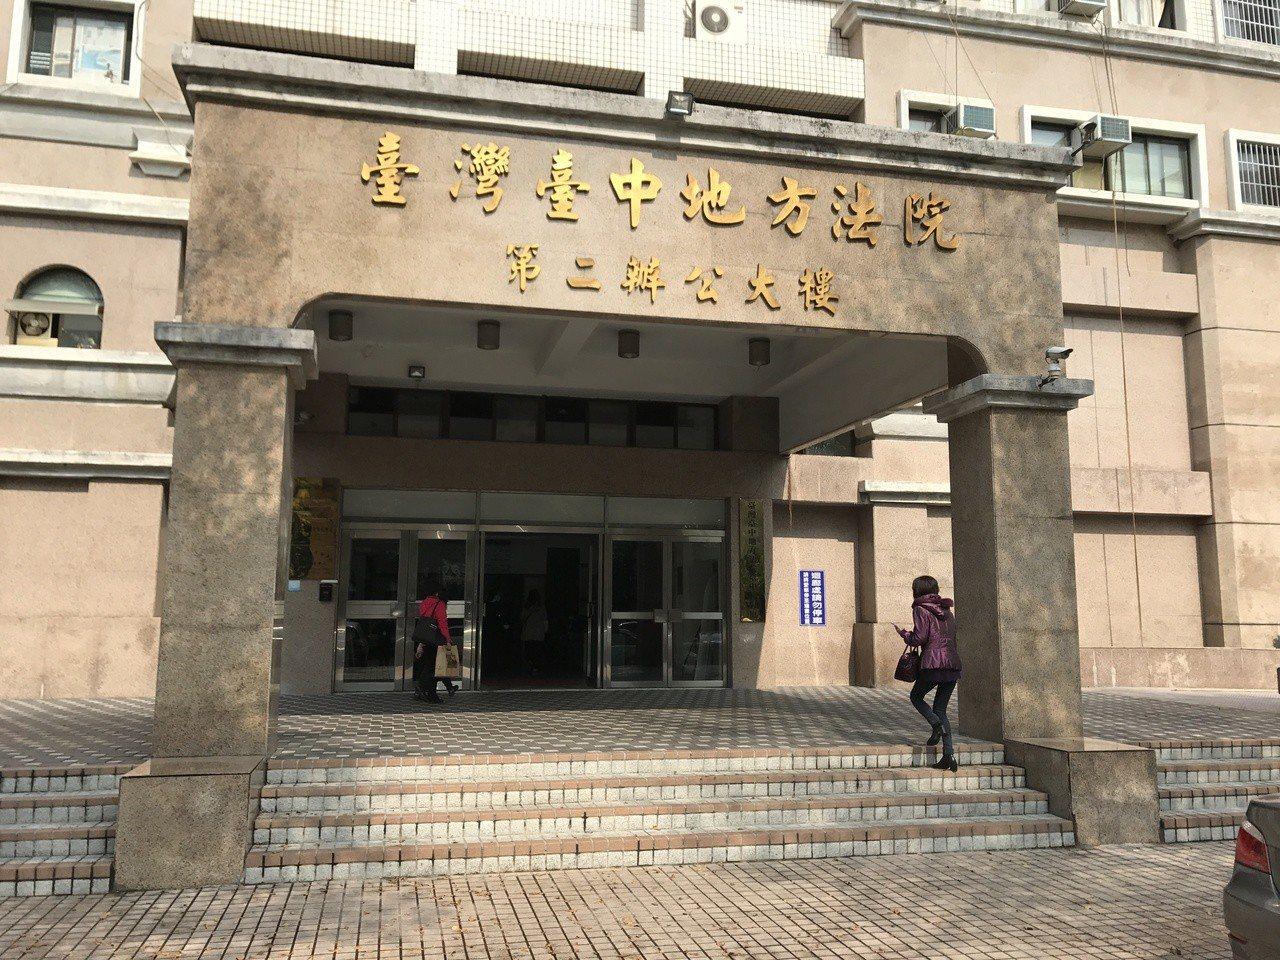 台中市林姓女子在網路遊戲內散布辱人文字,遭台中地院判拘役45天,全案確定。圖/本...